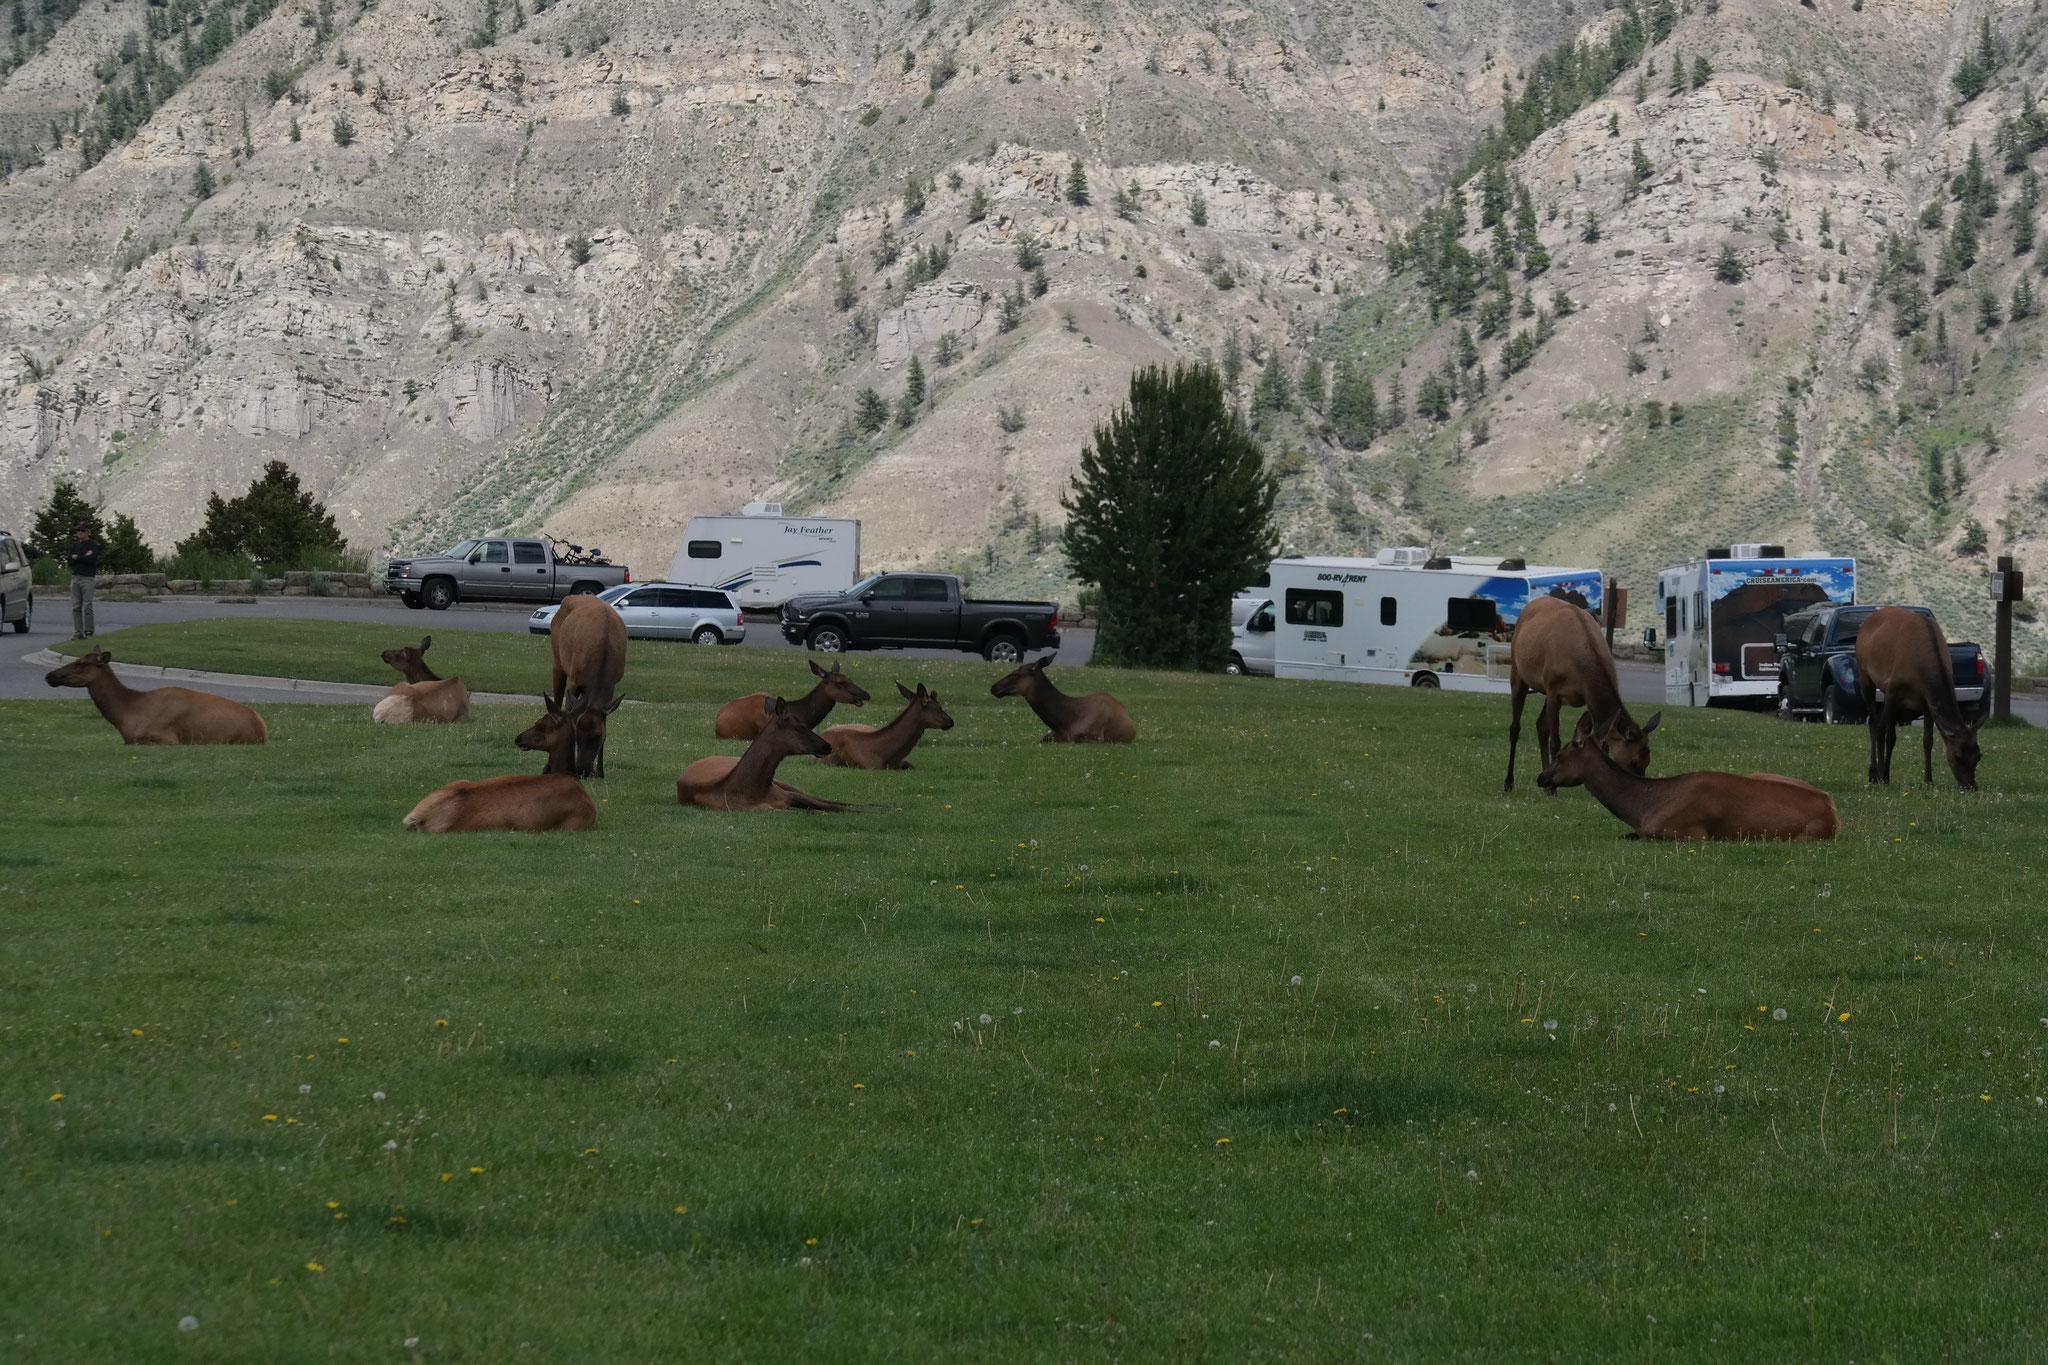 """Die Ortsmitte von Mammoth wird von """"Elks"""" belagert"""